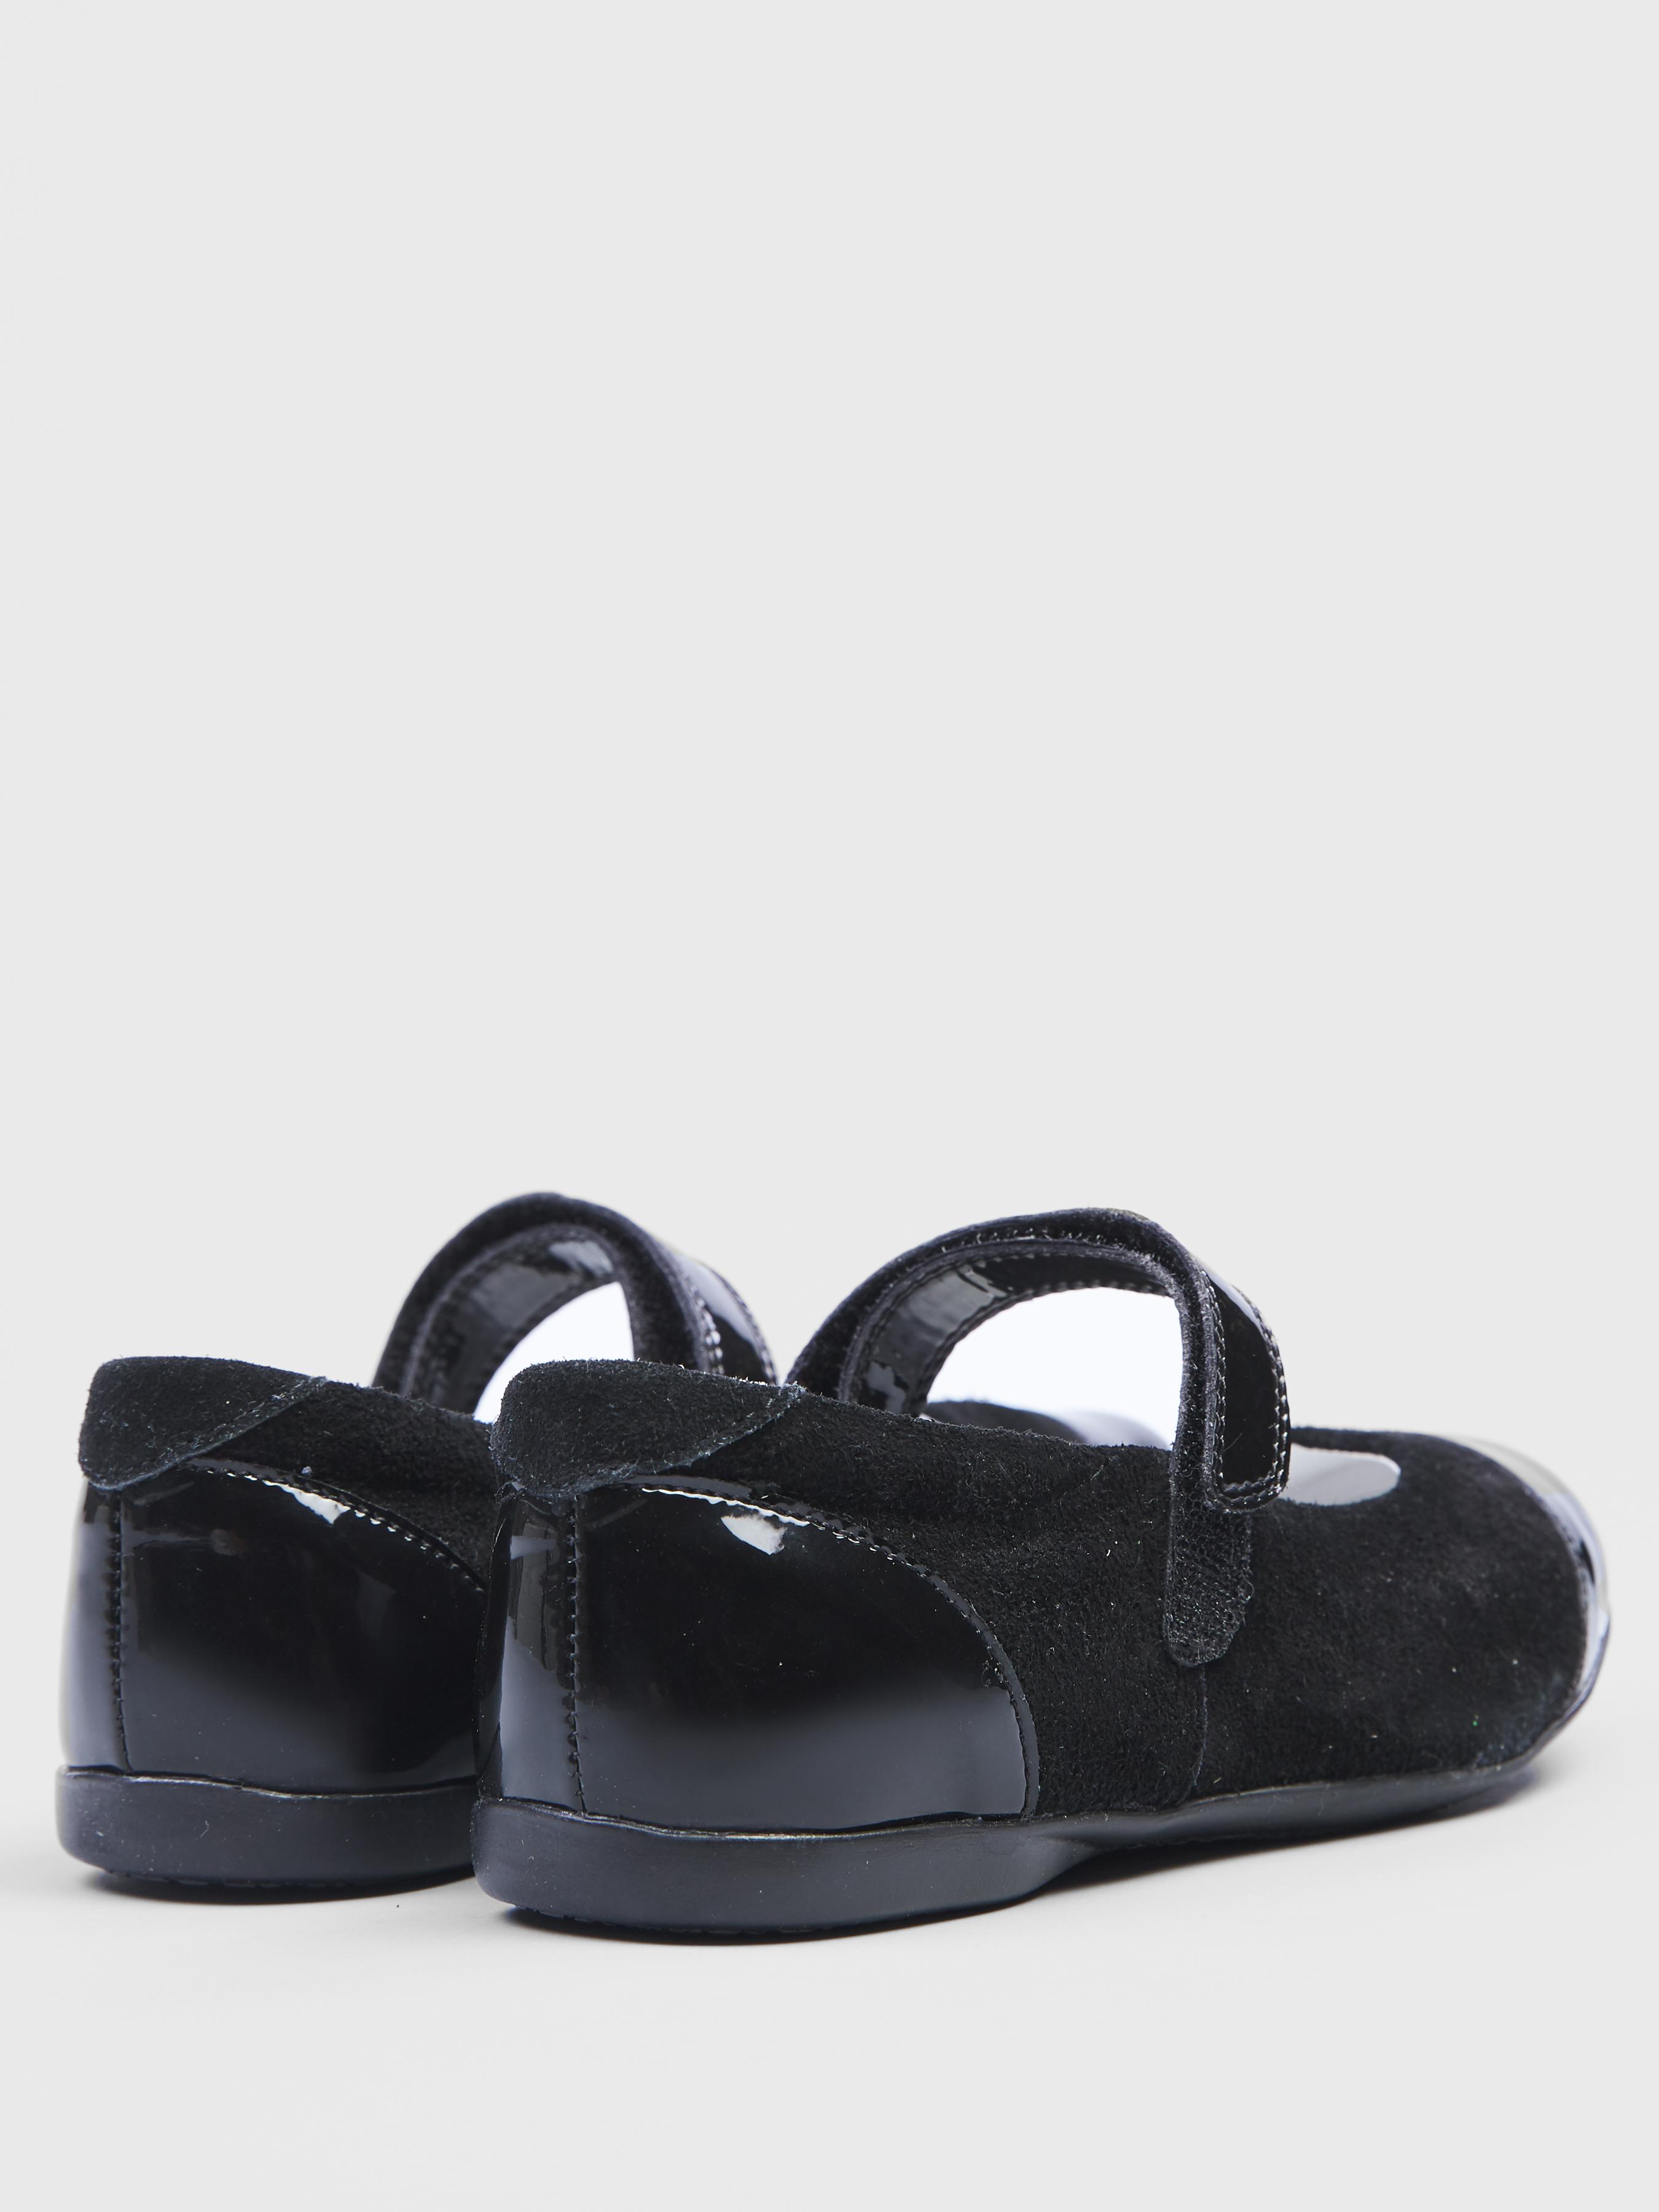 Балетки  для дітей Braska 933-4645/501 брендове взуття, 2017